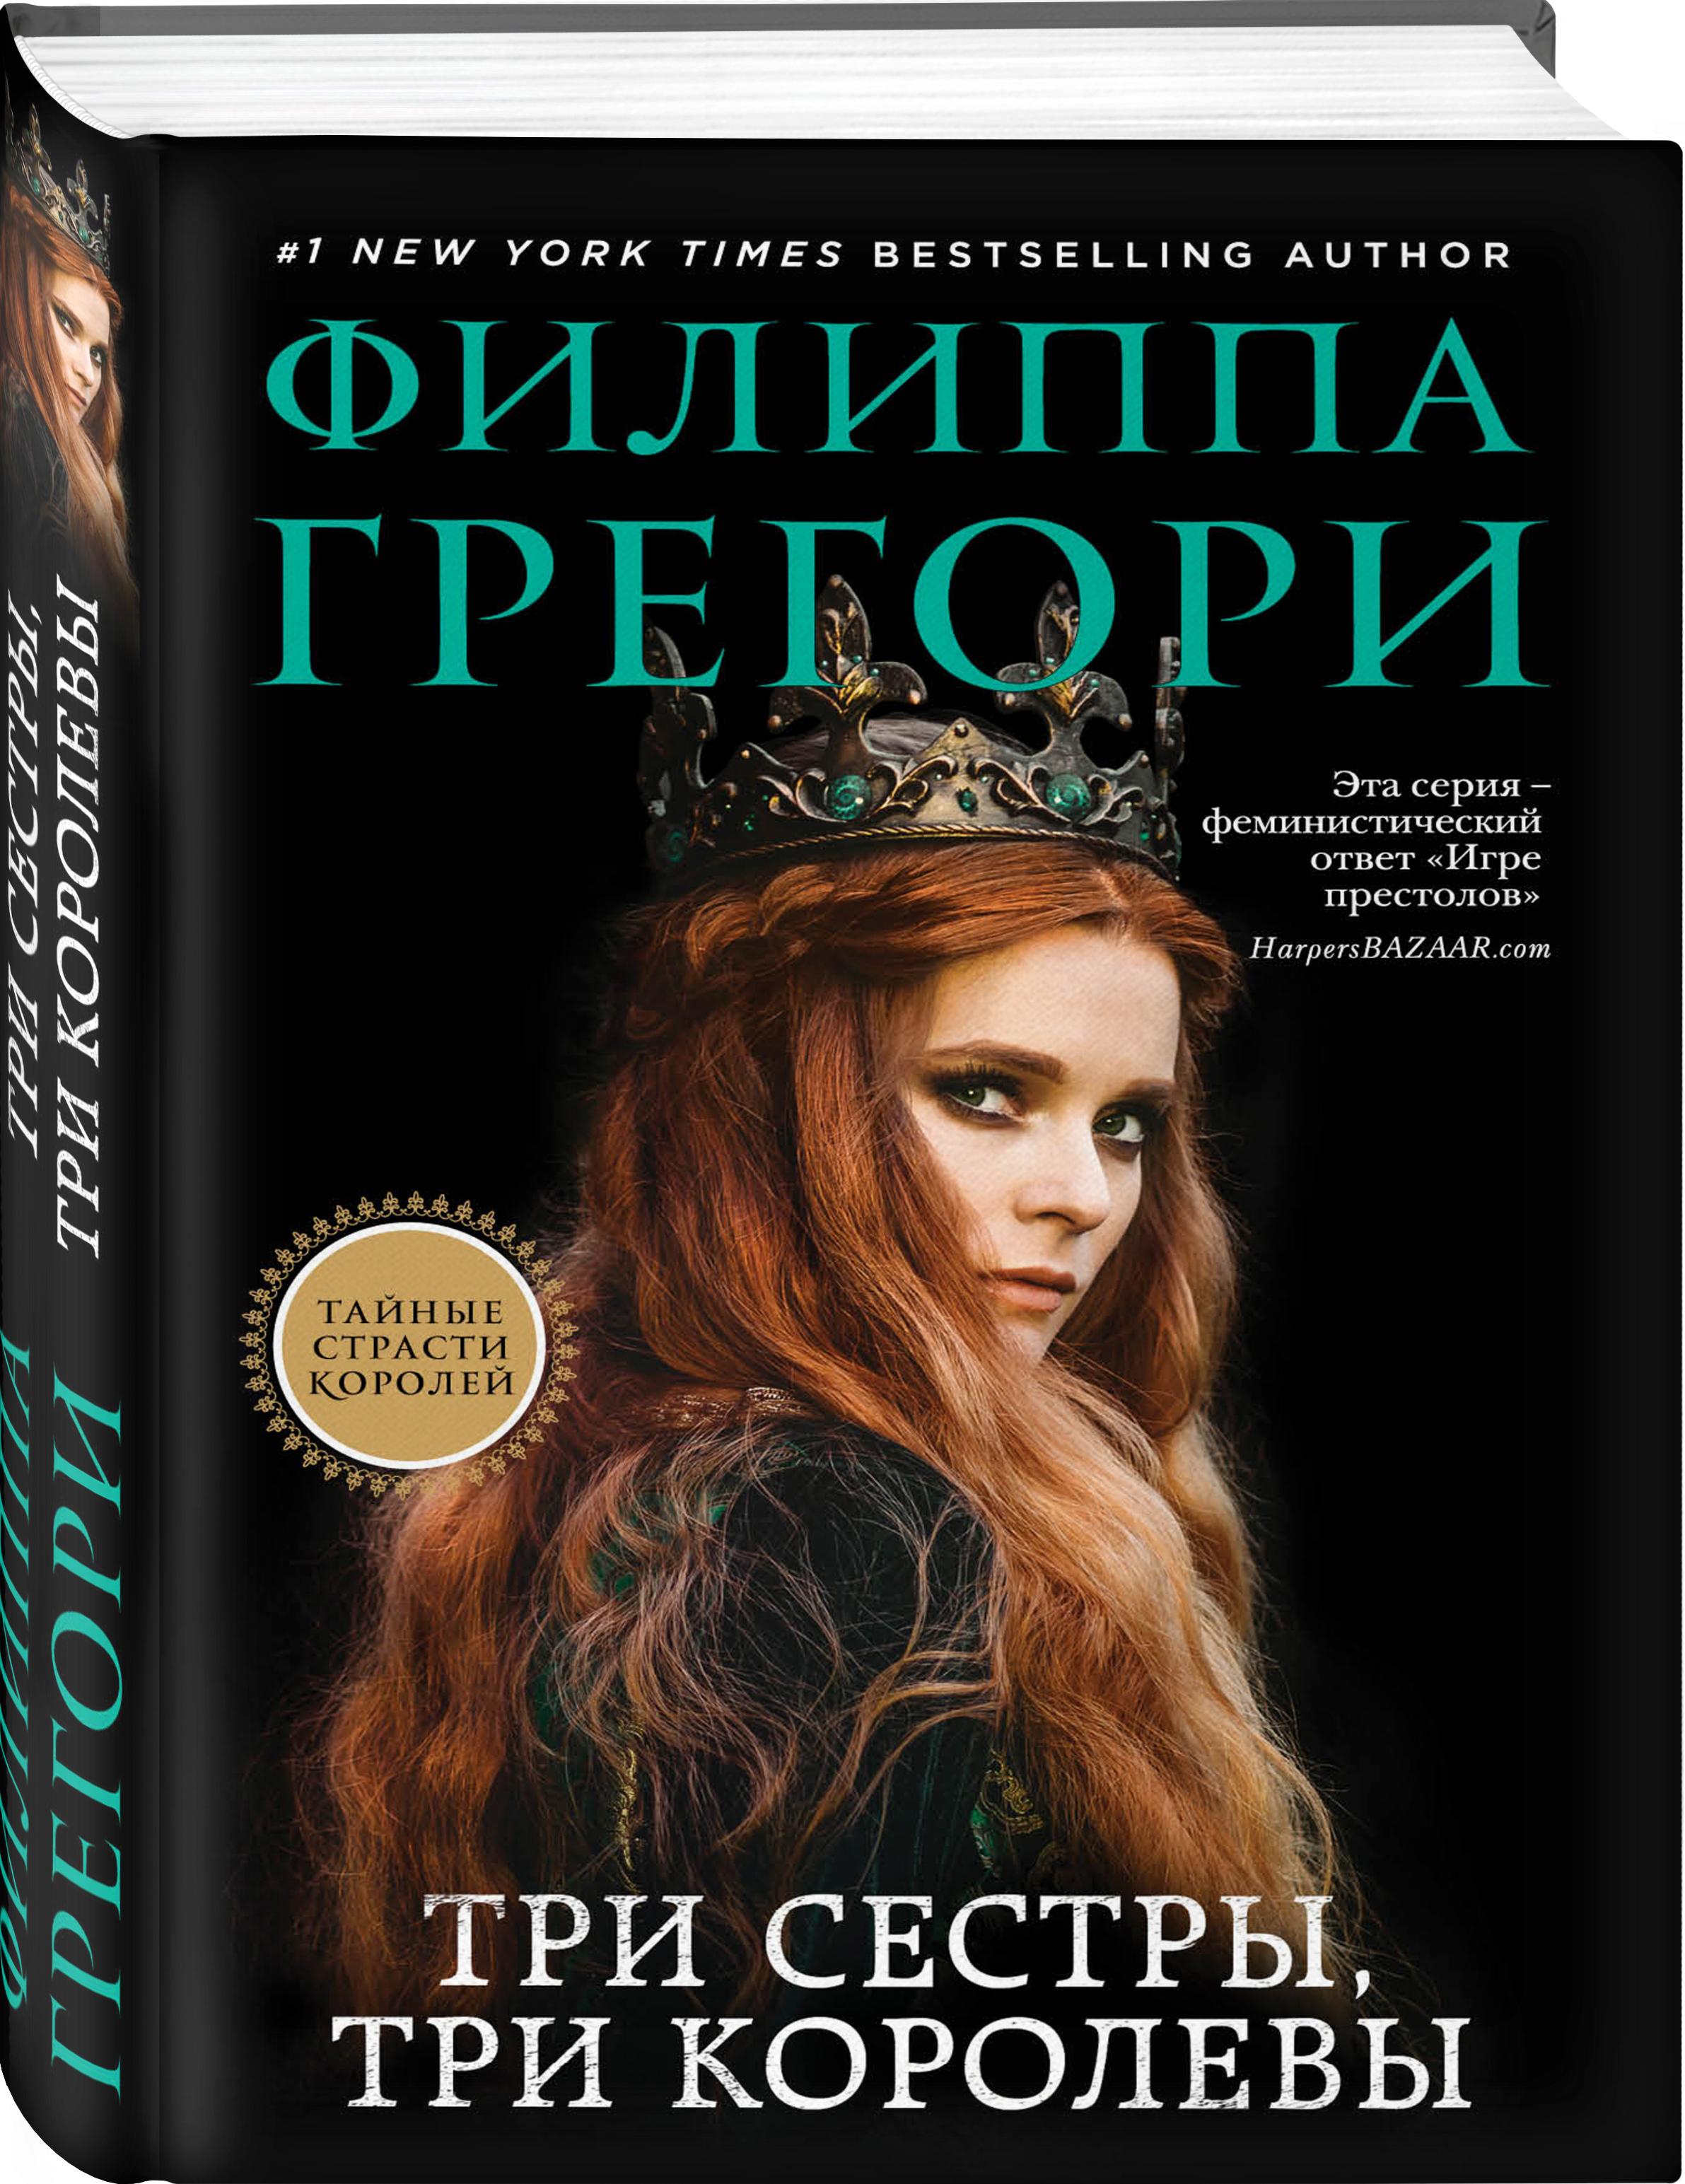 Грегори Ф. Три сестры, три королевы жукова гладкова мария все могут королевы роман